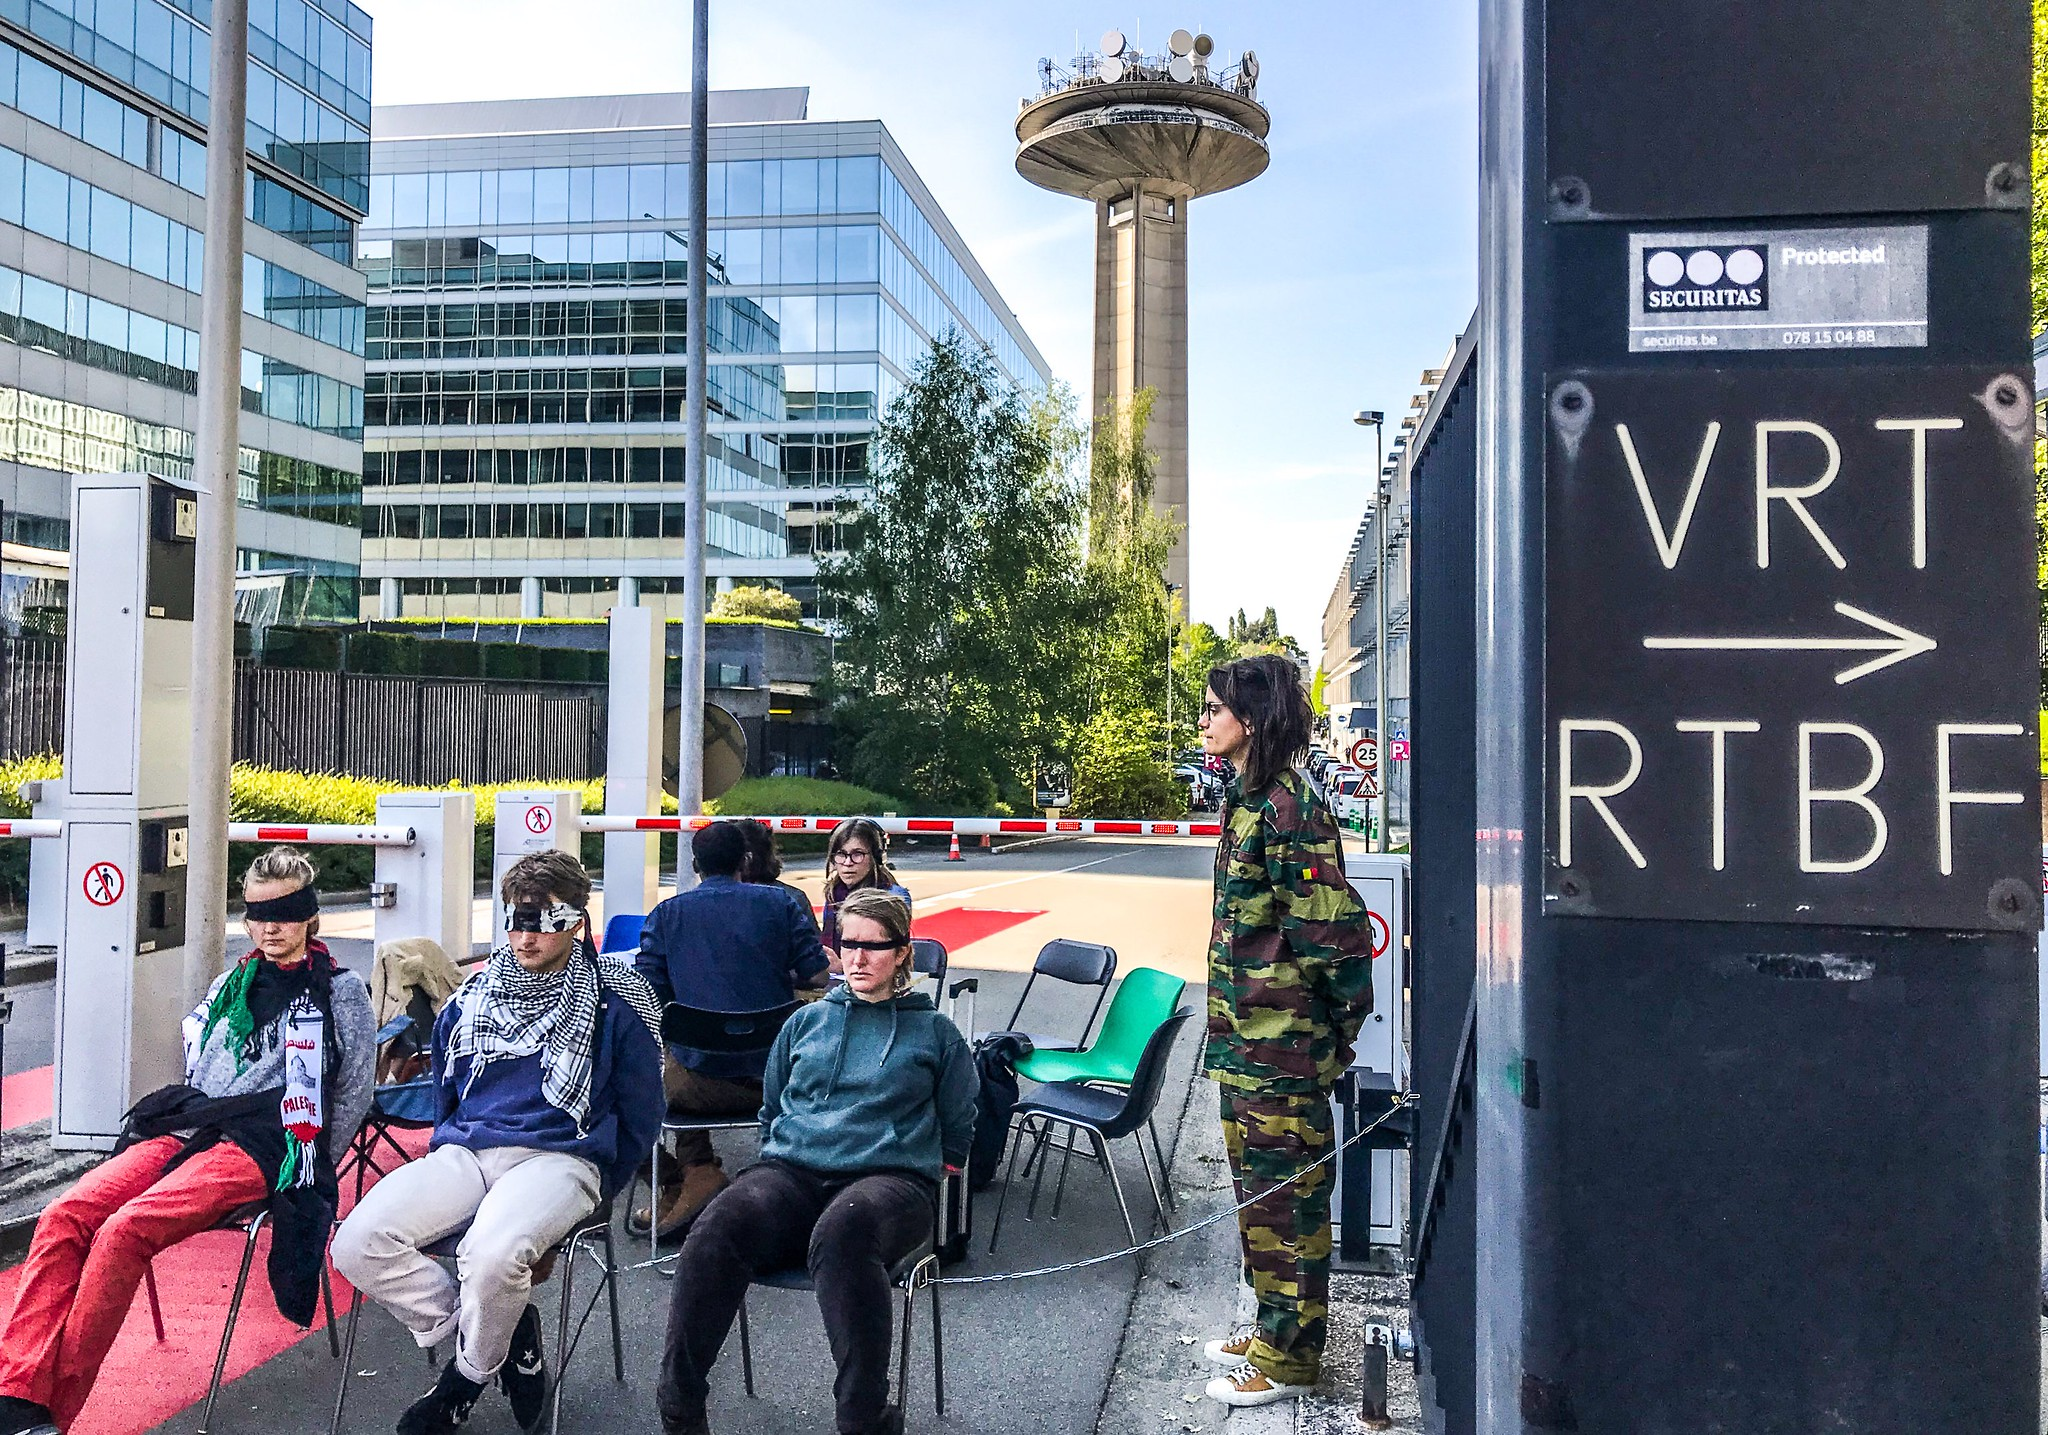 Des checkpoints à la RTBF pour protester contre la diffusion du concours Eurovision de la chanson en Israël